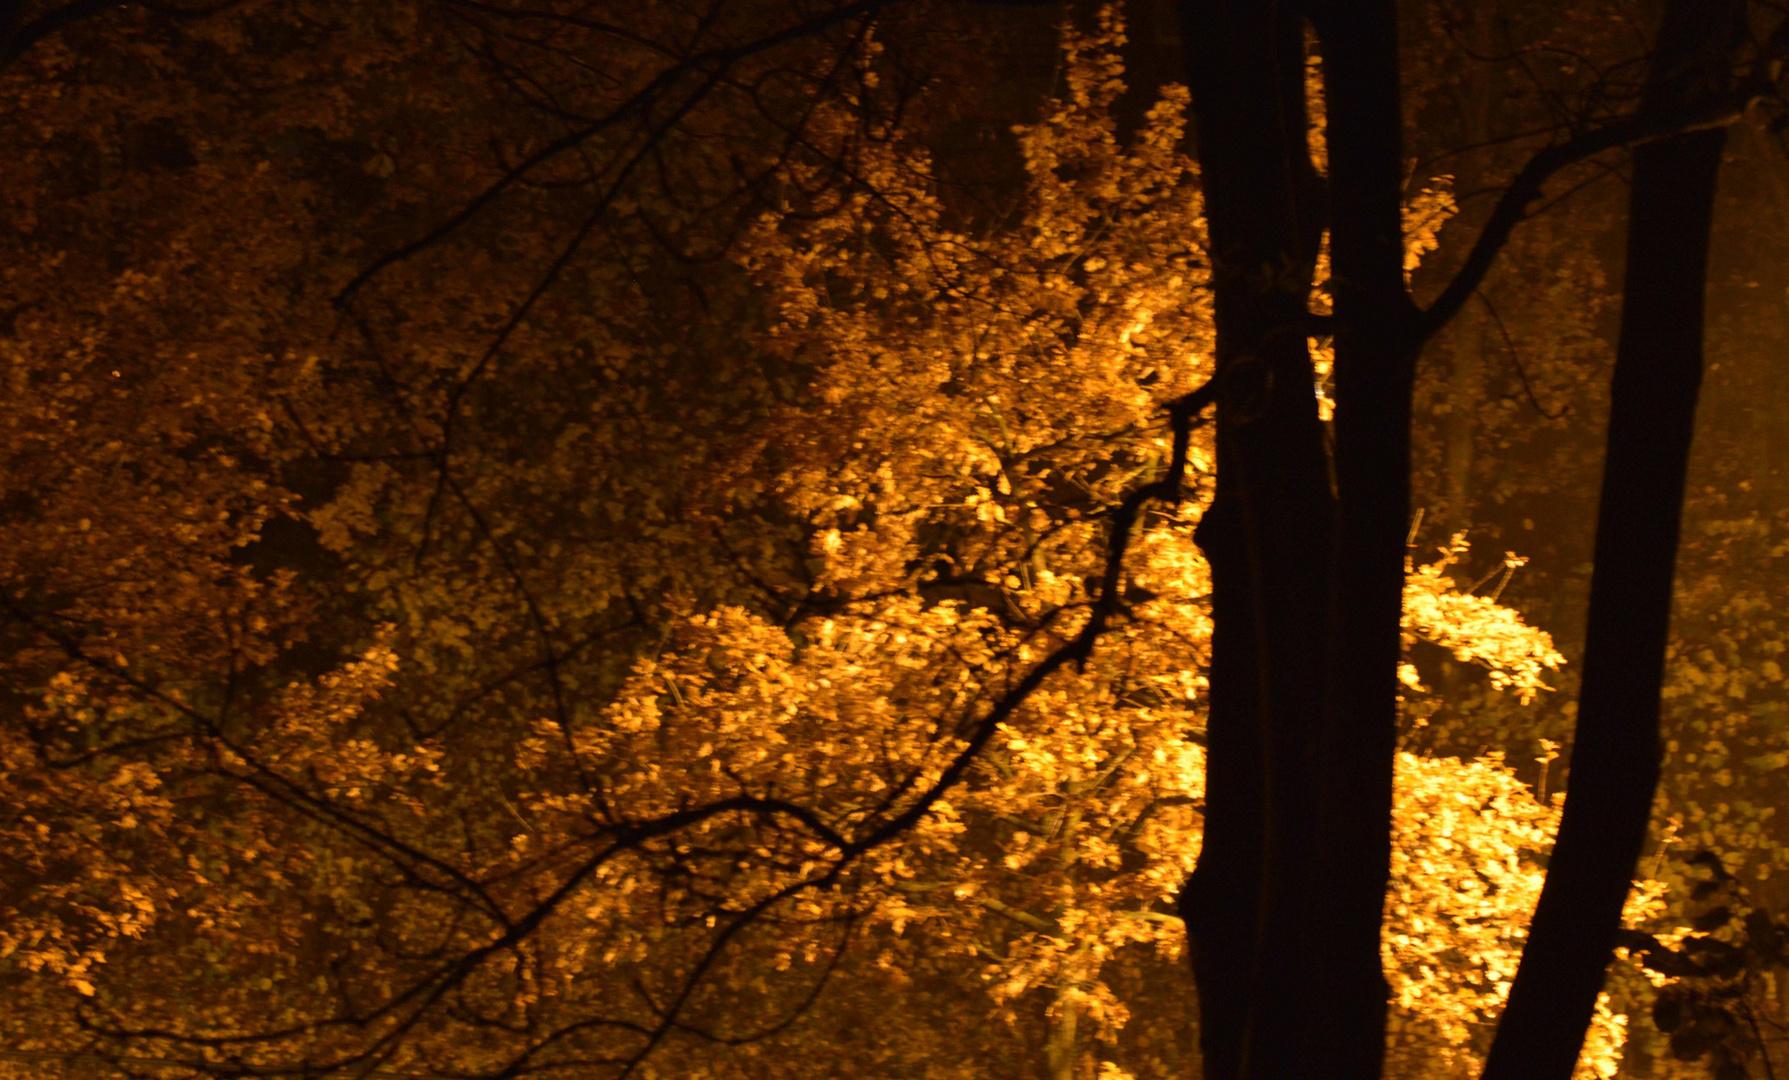 Herbst Nacht